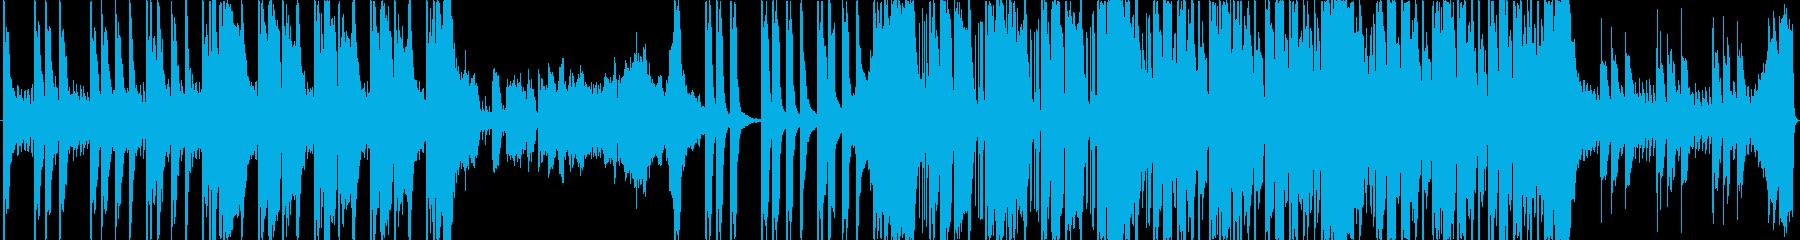 おしゃれ、ポジティブ、エレクトロの再生済みの波形